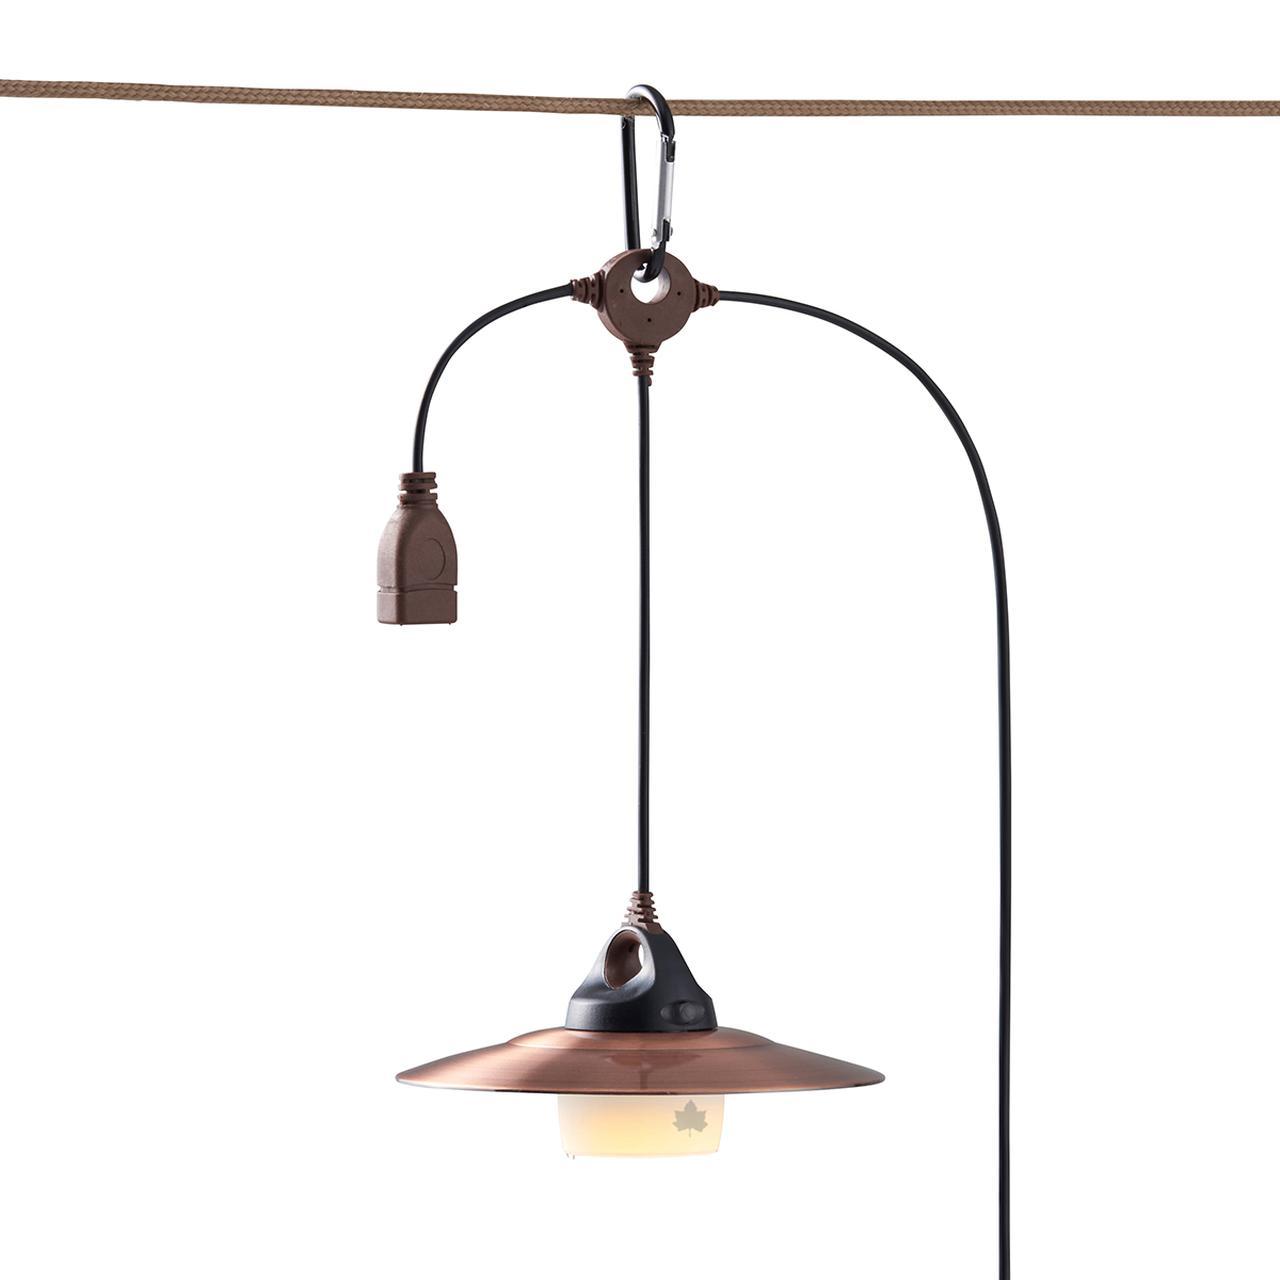 画像3: 【注目リリース】LOGOS(ロゴス)から、レトロなぬくもりを演出するUSB式LEDのデコレーションライトが新発売!